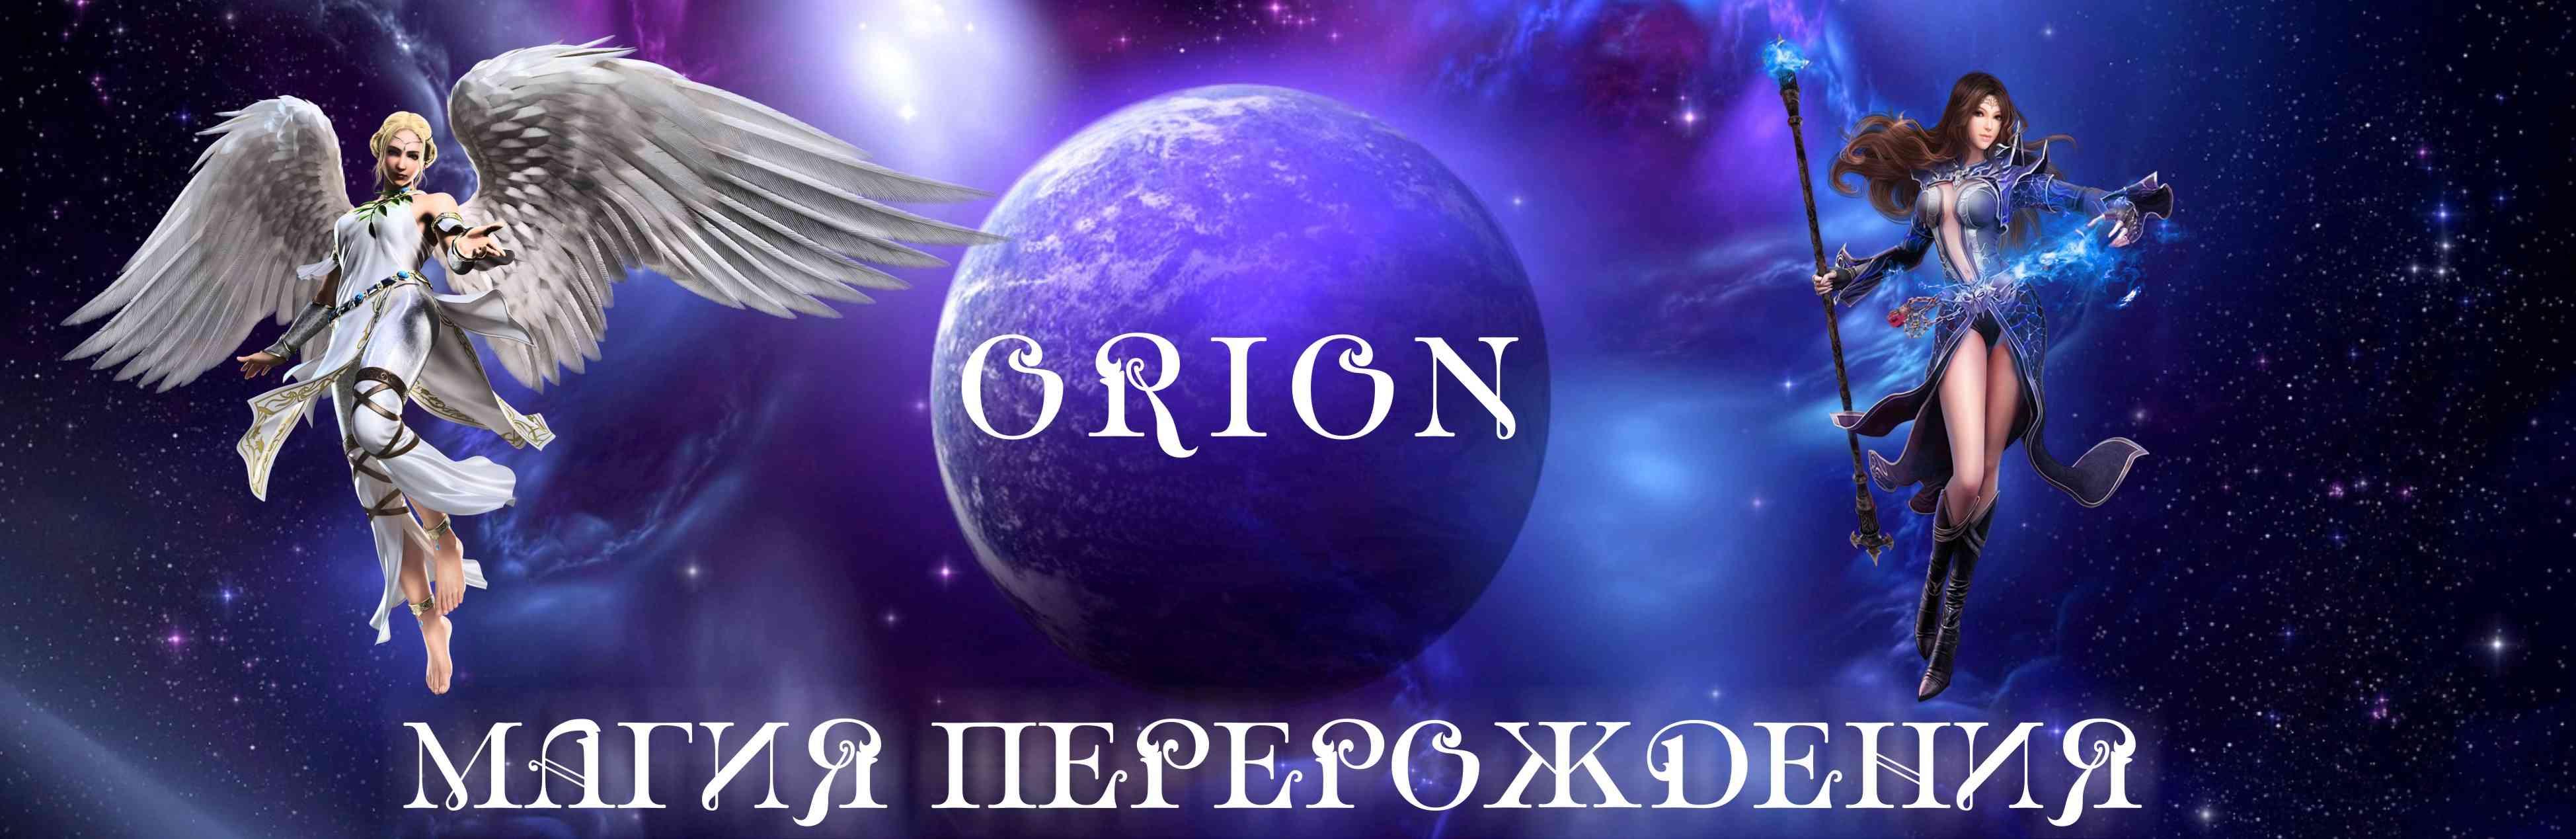 ОРИОН. МАГИЯ ПЕРЕРОЖДЕНИЯ.